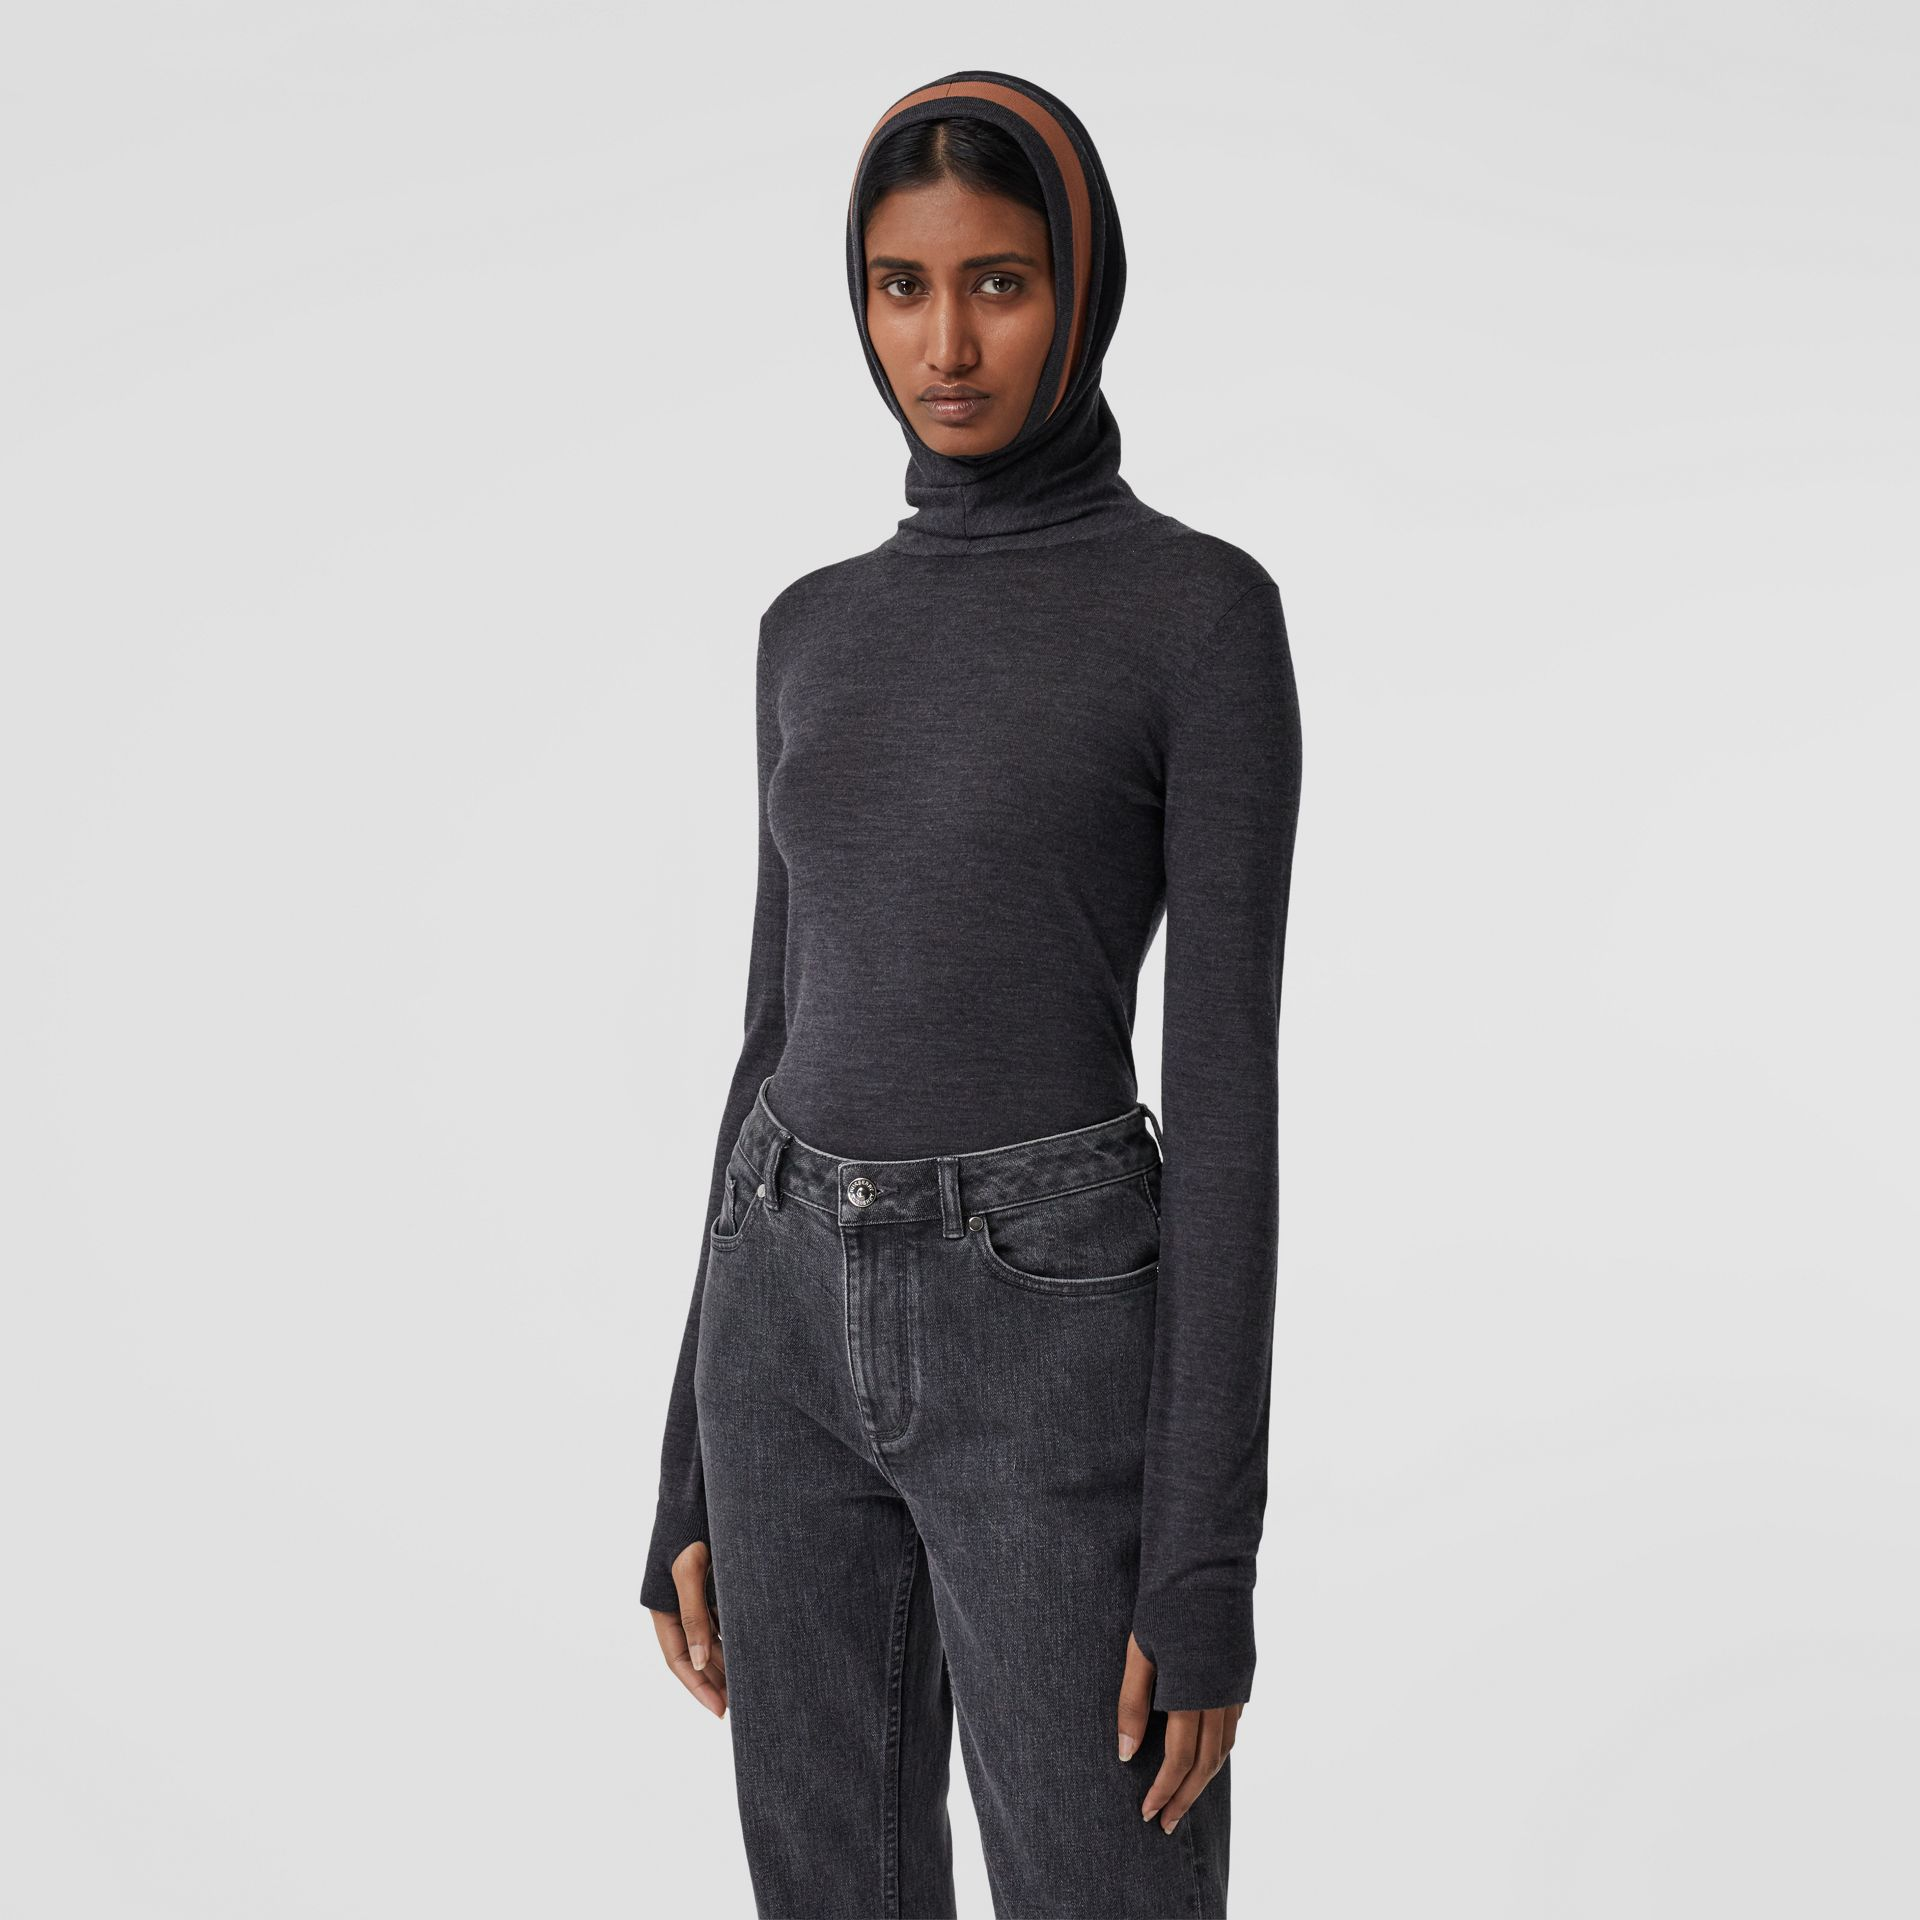 Stripe Detail Merino Wool Hooded Top in Dark Grey Melange - Women | Burberry - gallery image 6